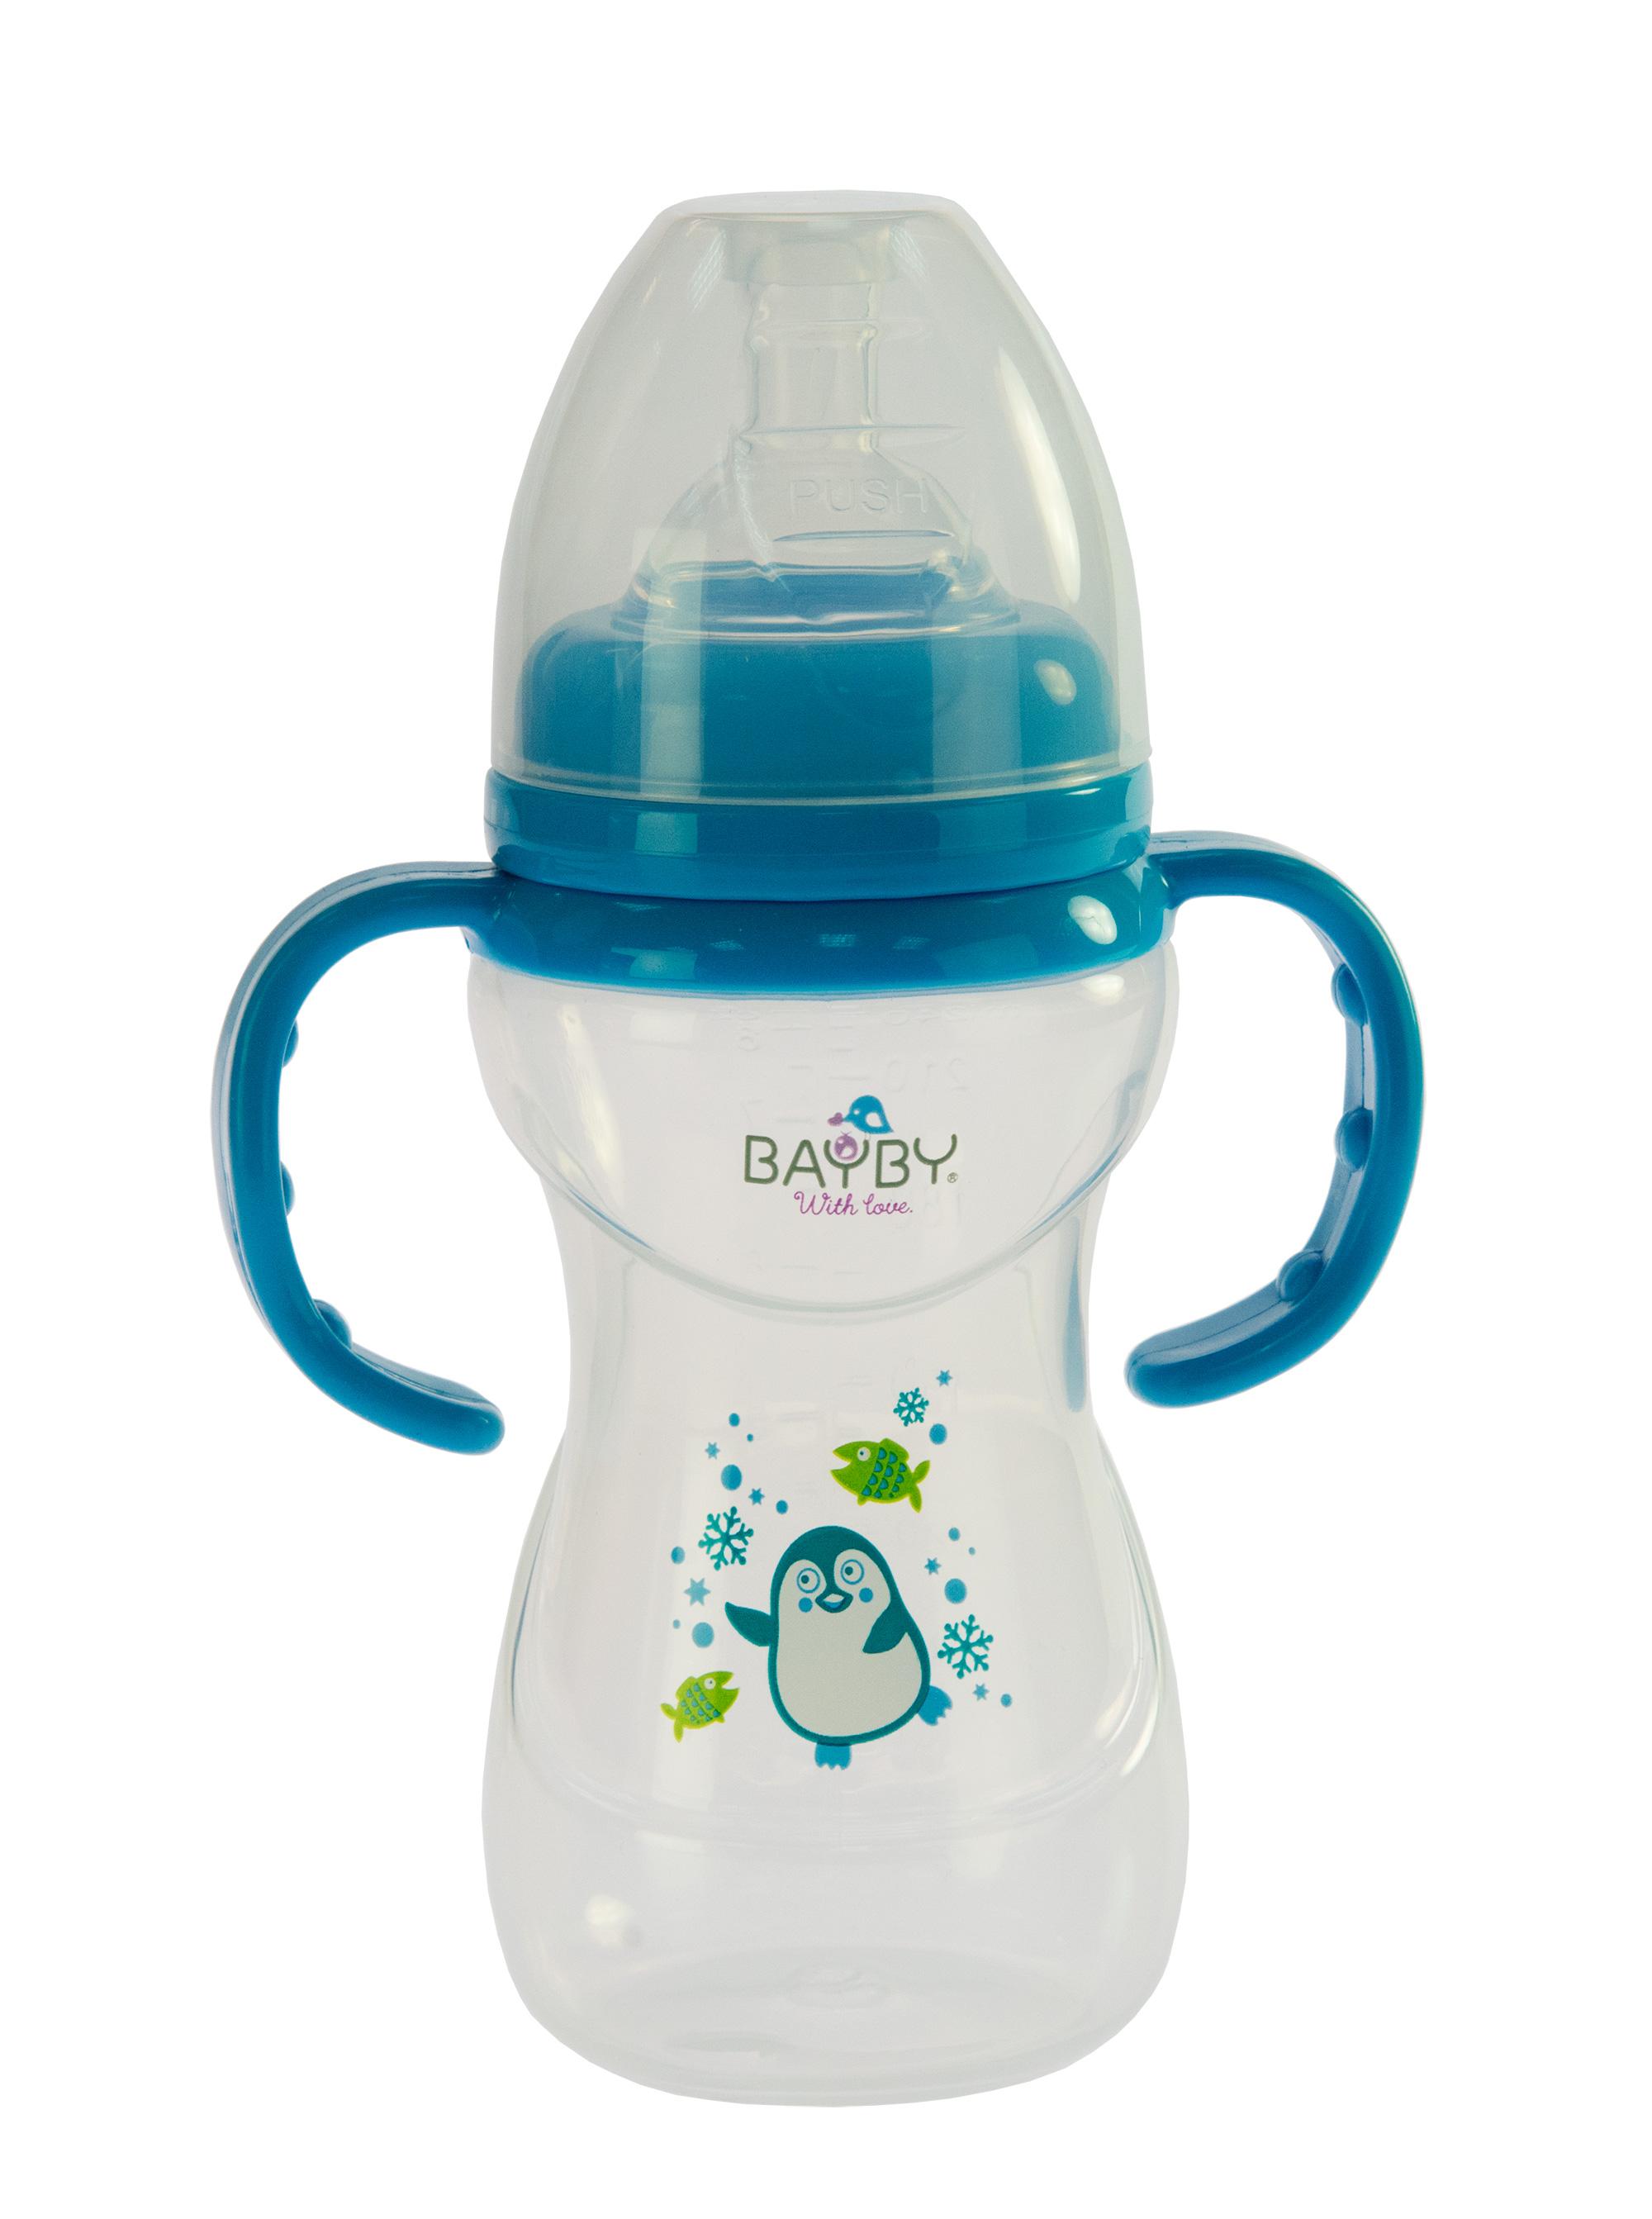 Bayby Бутылочка для кормления 240 мл 6м+ синяя